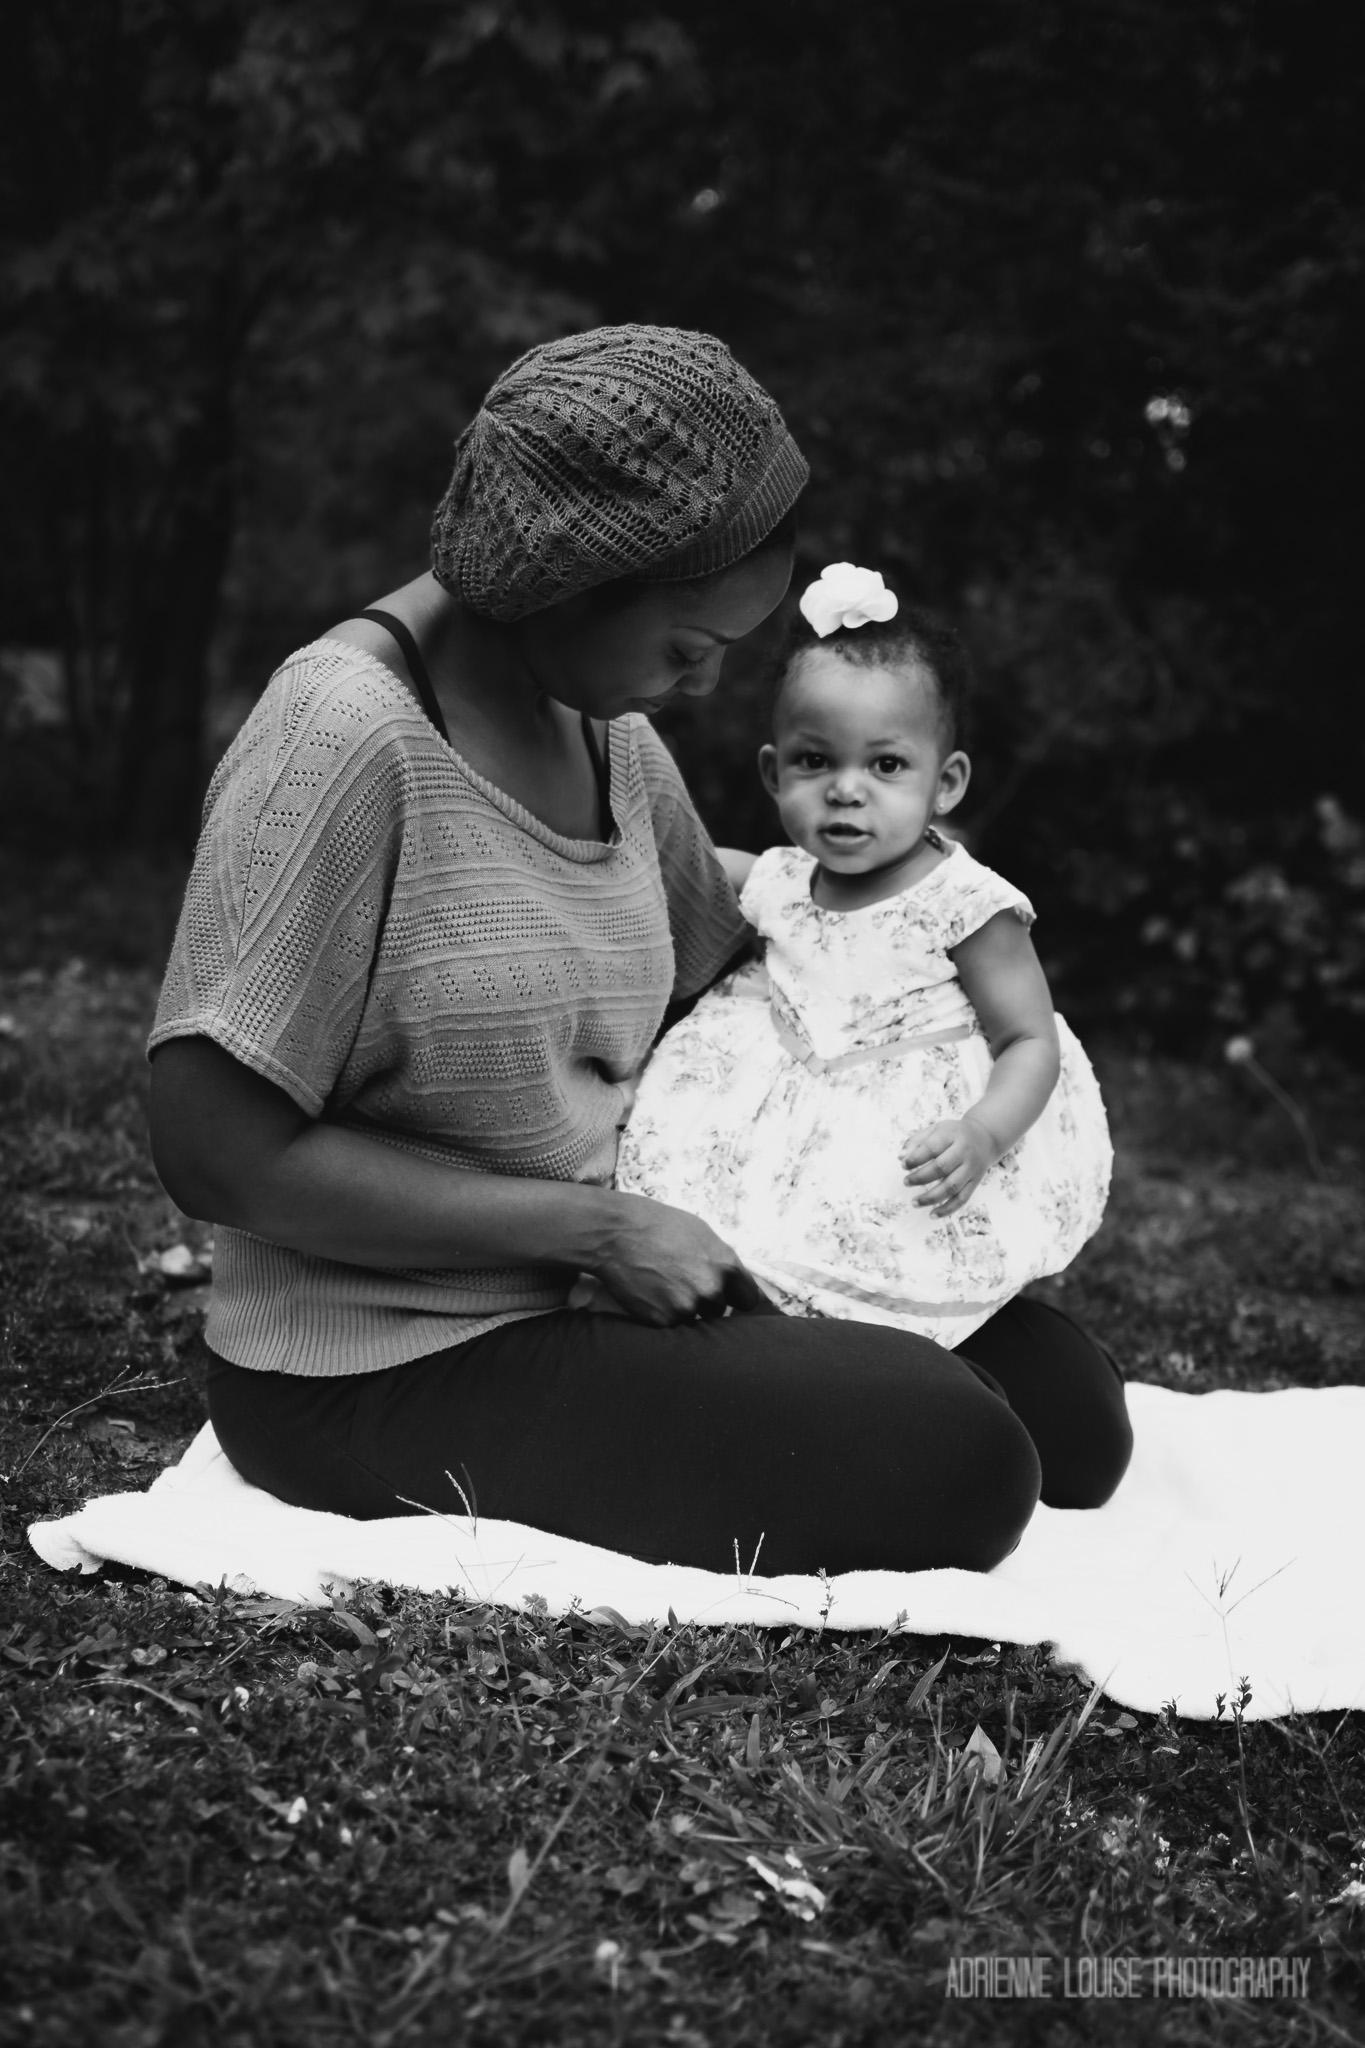 Woodstock Children's Photographer